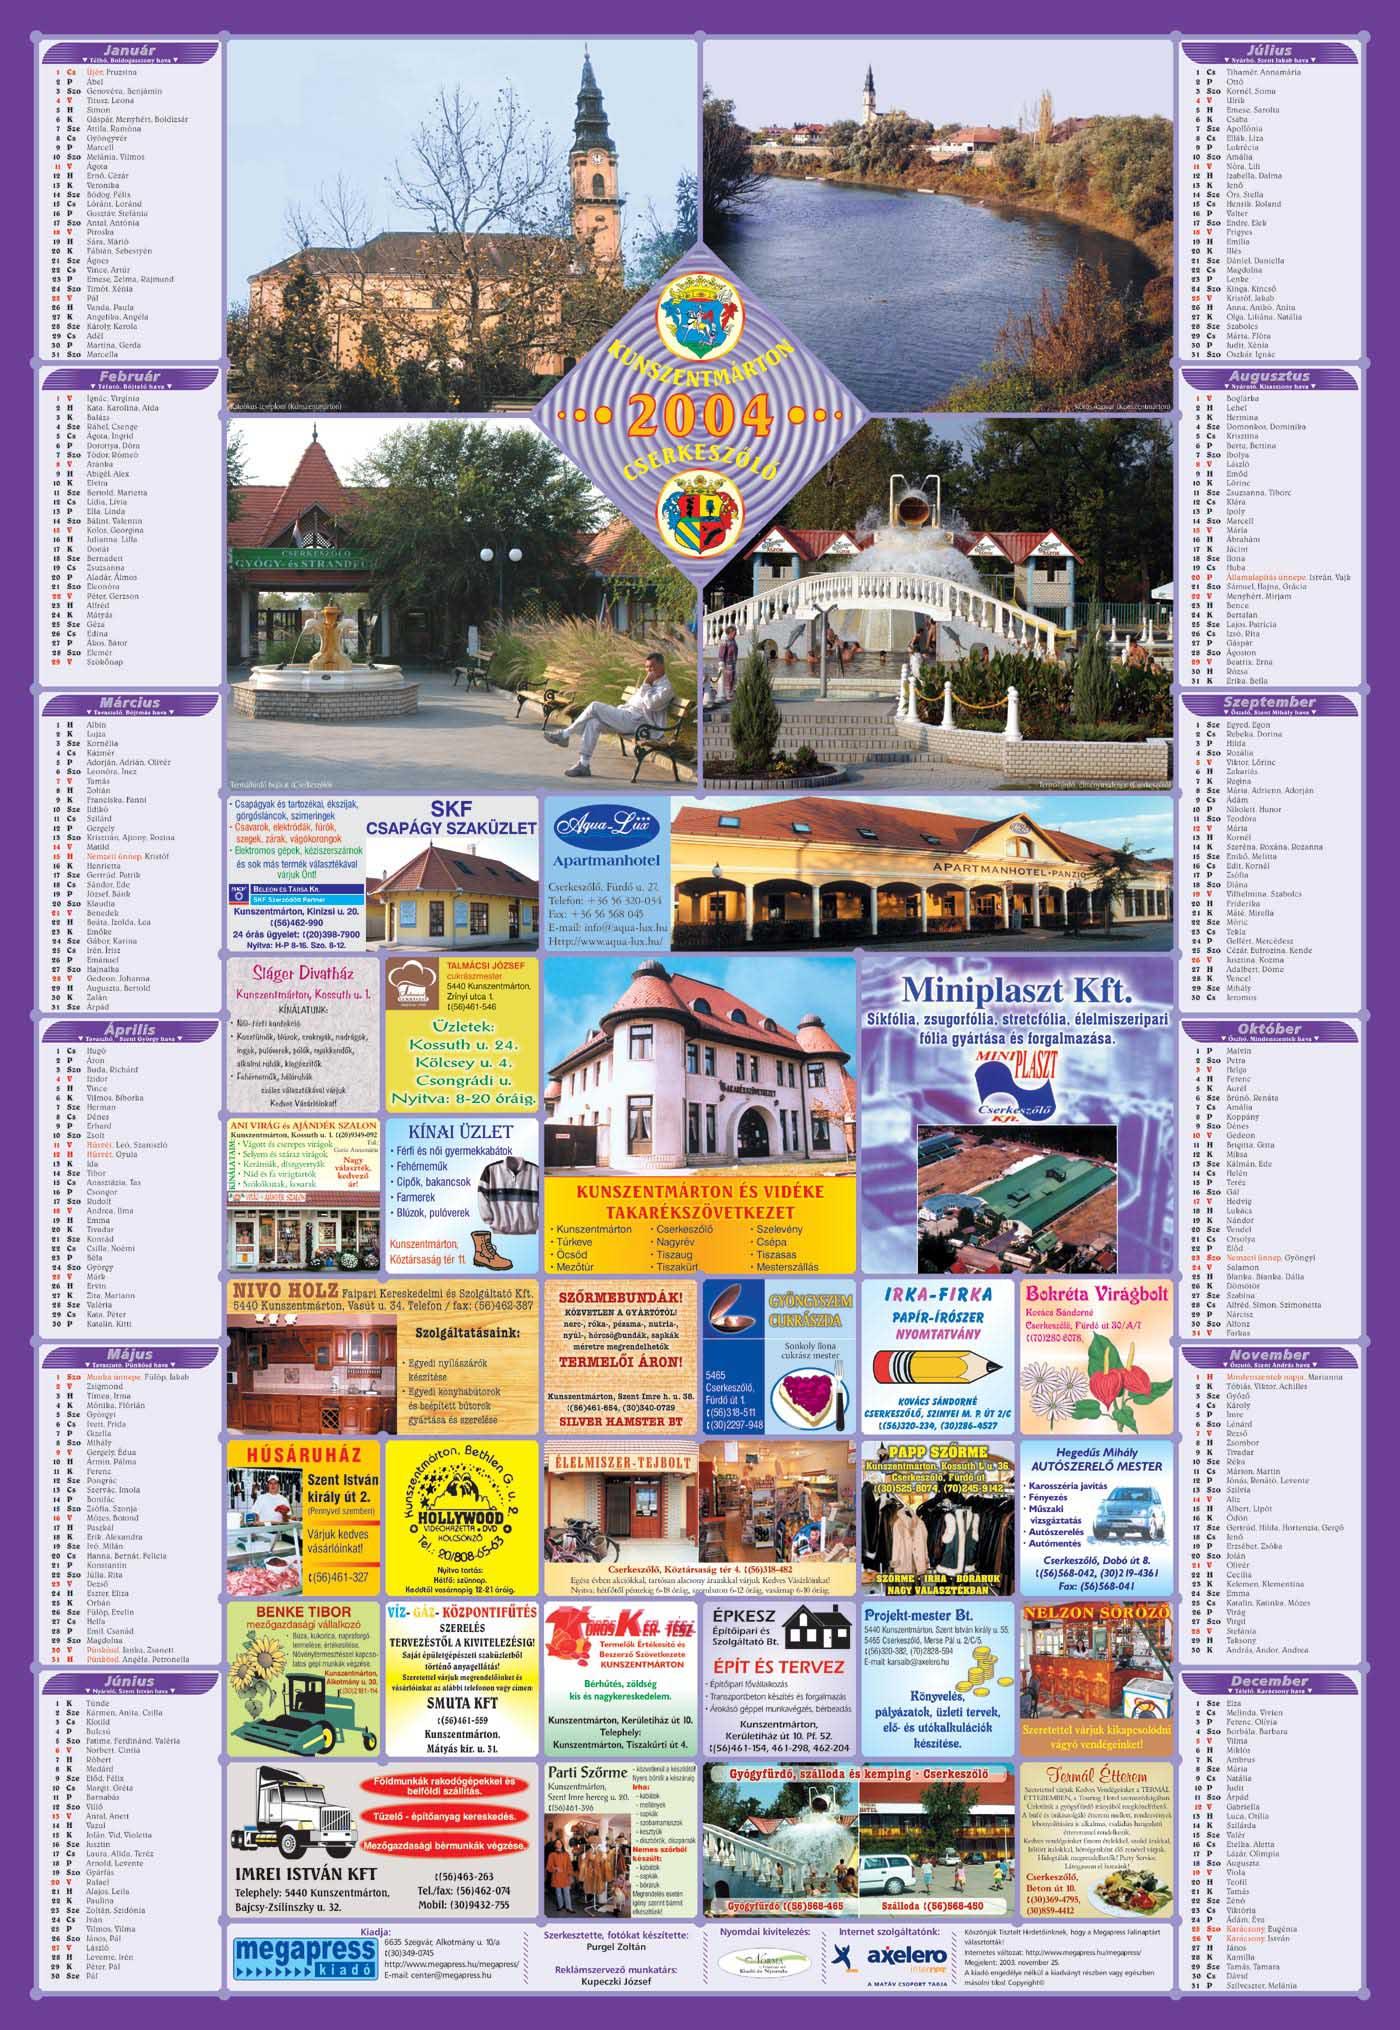 24-KunszentmartonCserkeszolo2004Falinaptar-2003